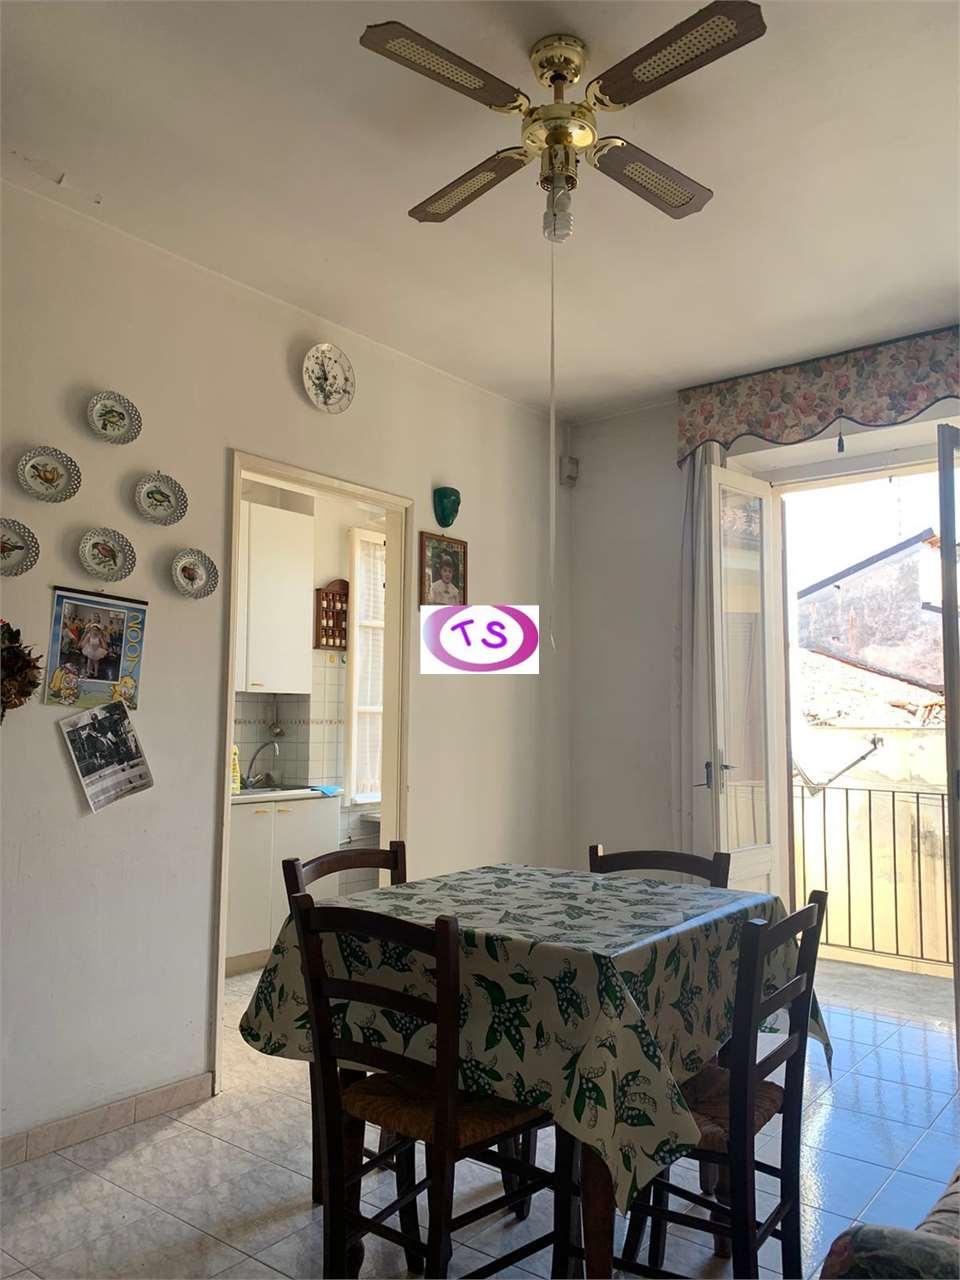 Appartamento in vendita a Casale Monferrato, 3 locali, prezzo € 80.000 | CambioCasa.it